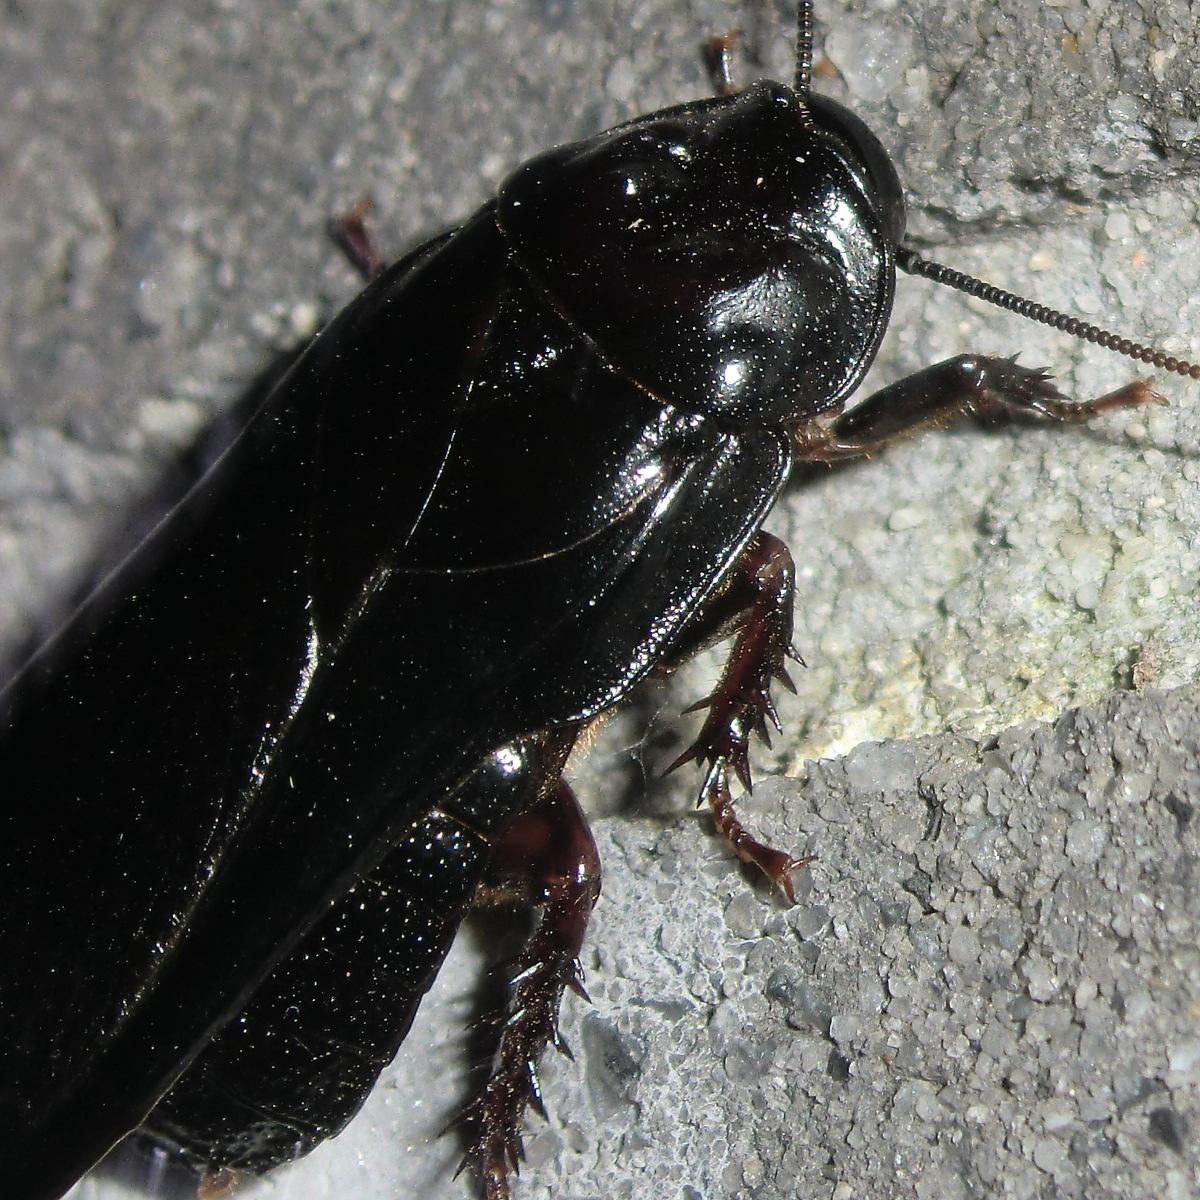 Australian wood cockroach